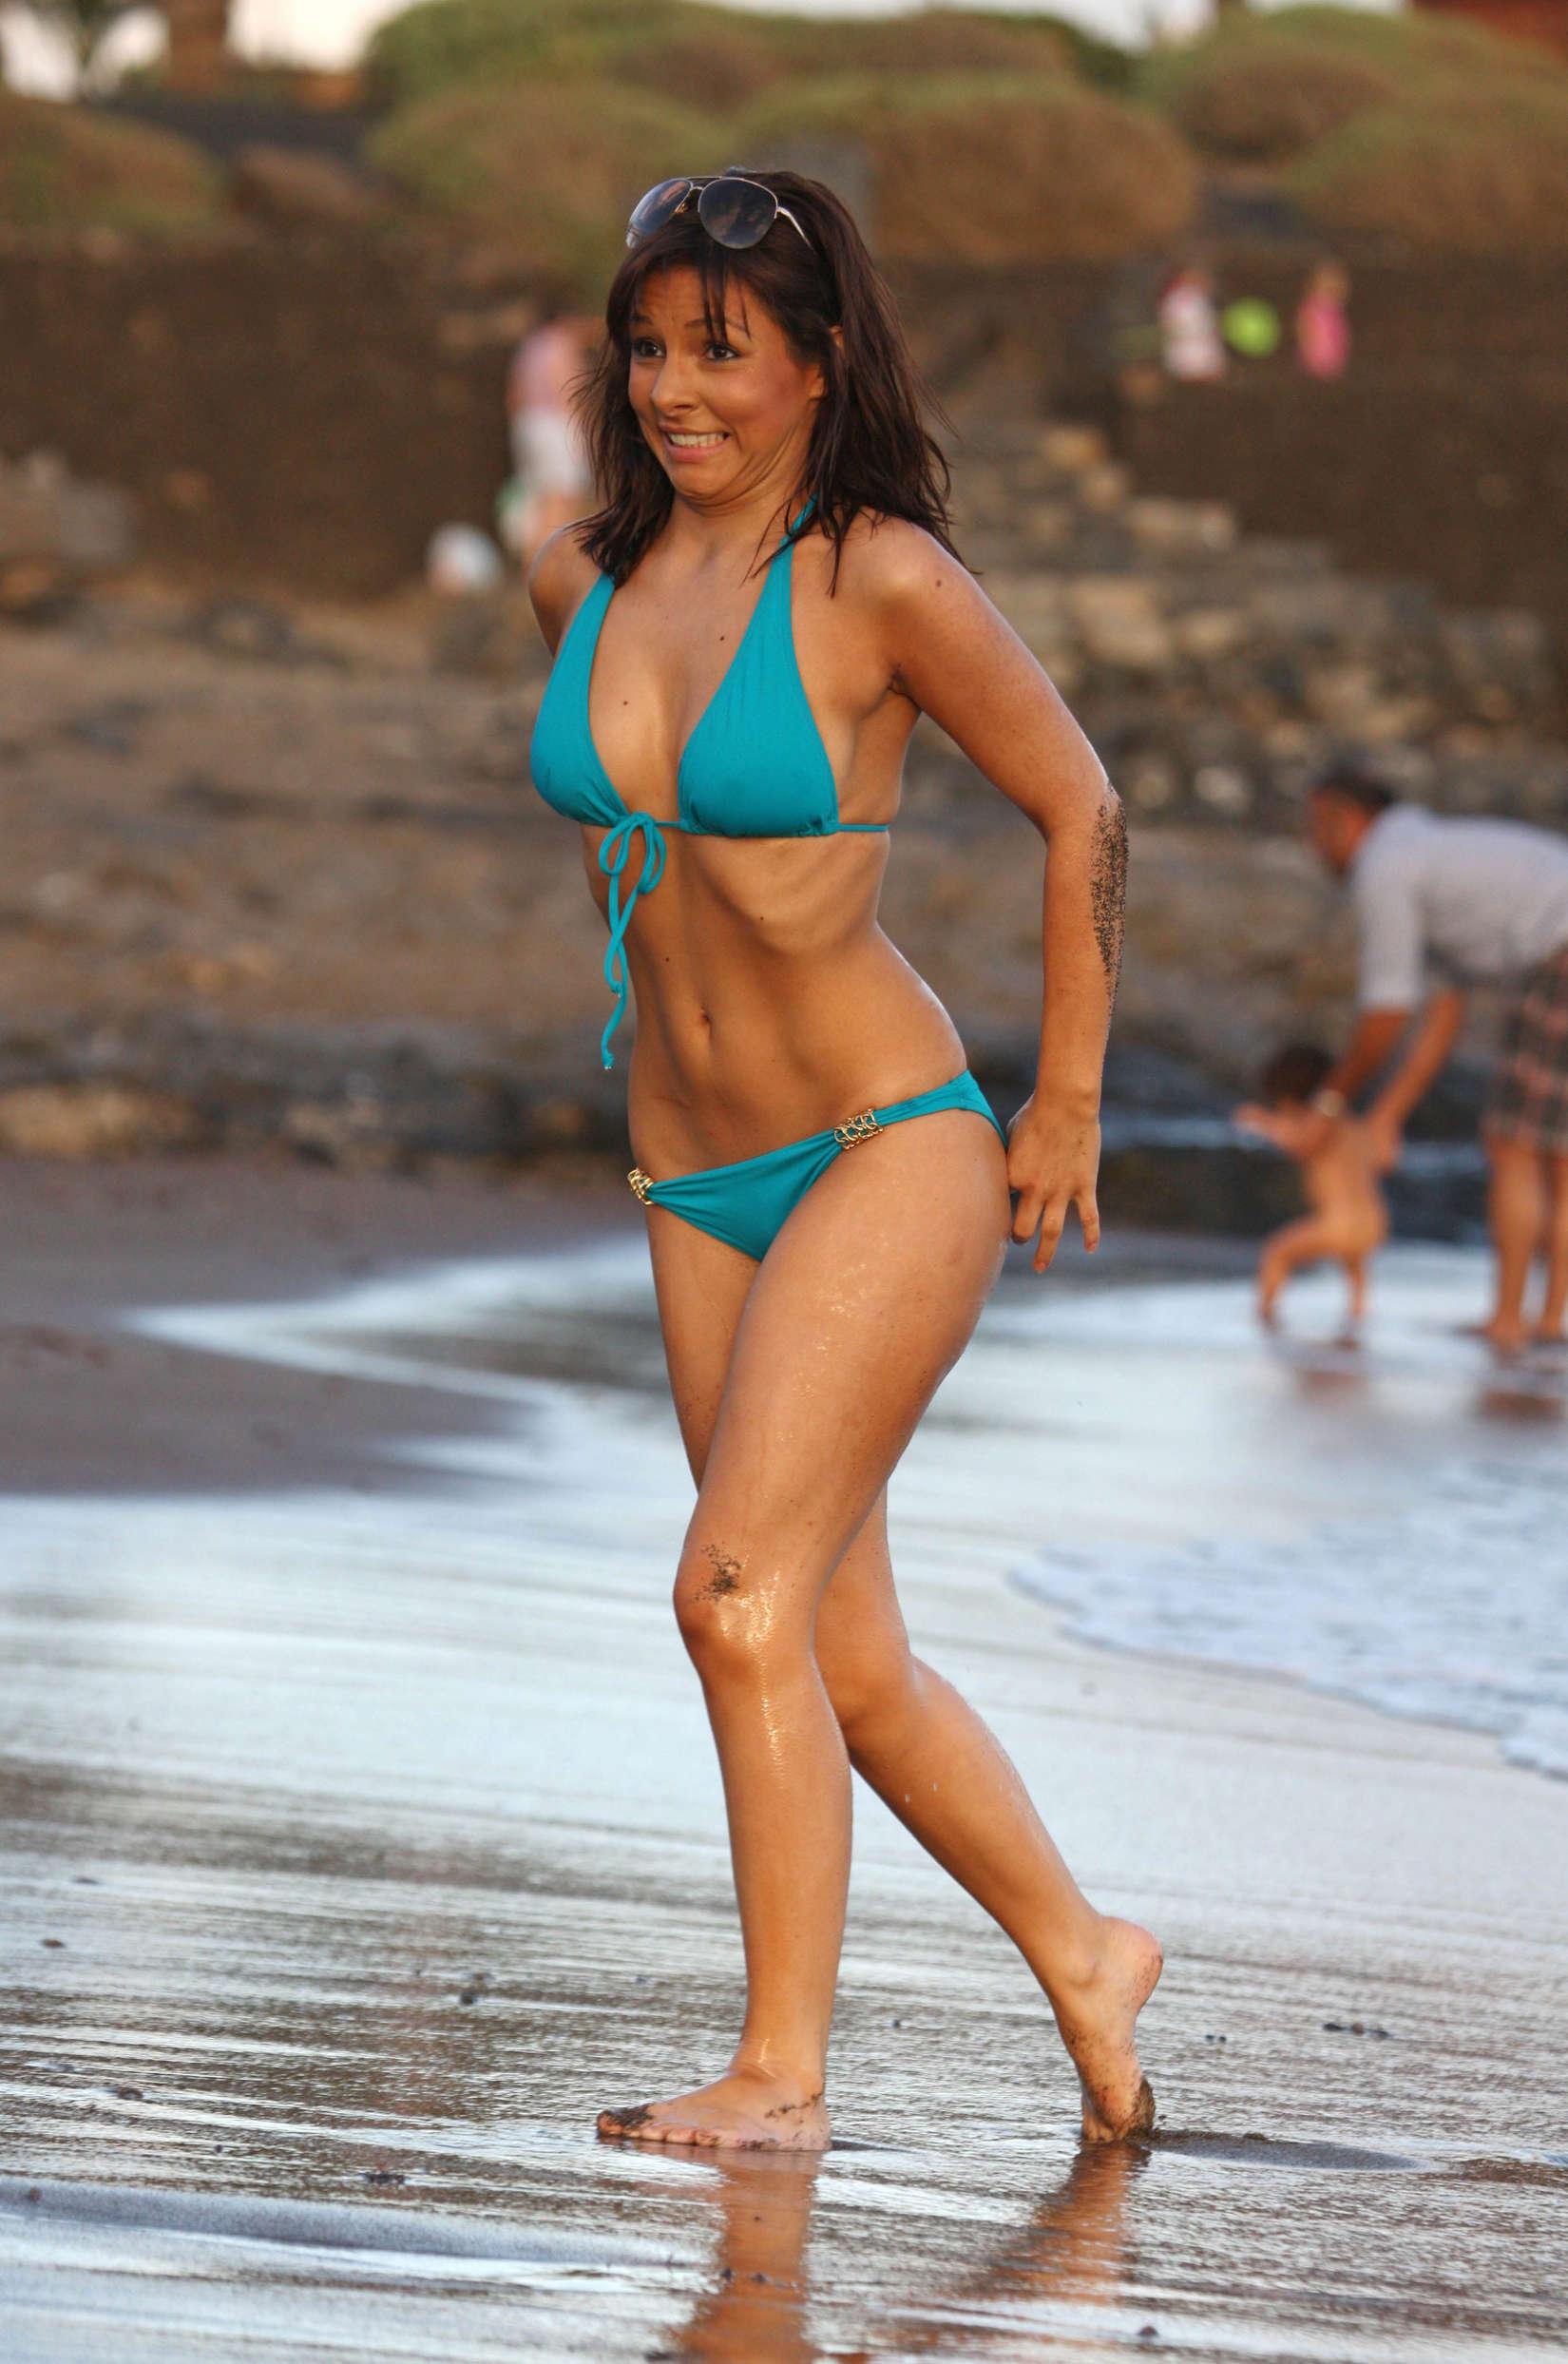 Male female nudity on beach